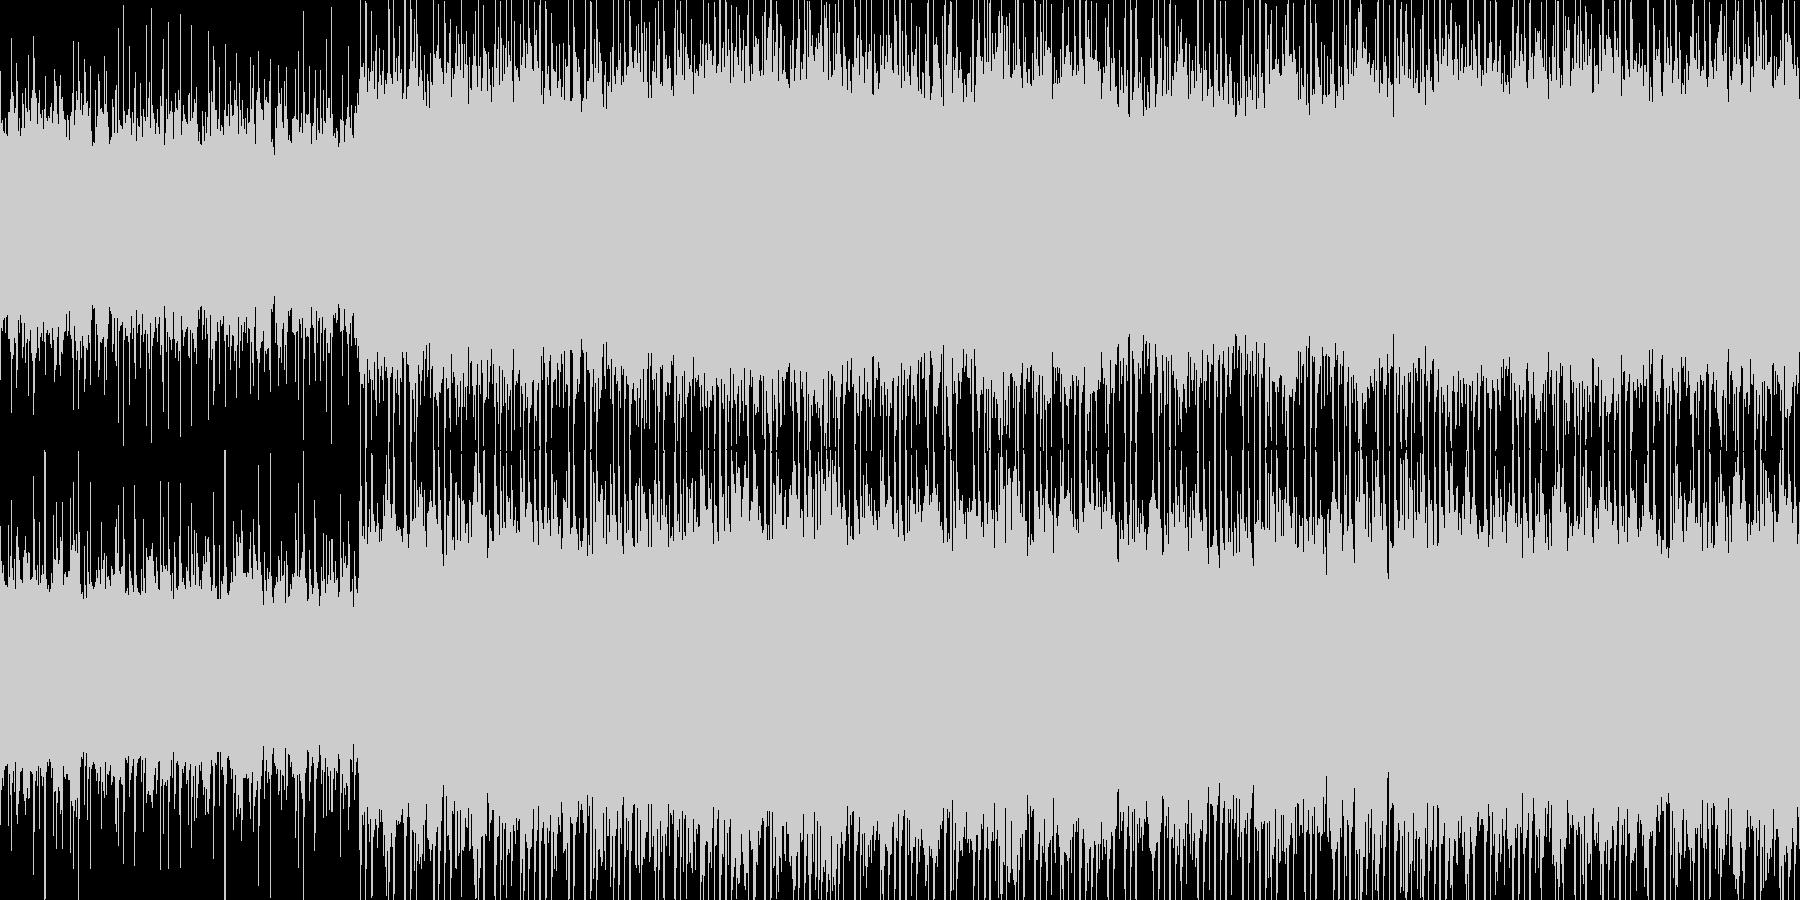 アコギ主体の爽やかなポップス3の未再生の波形